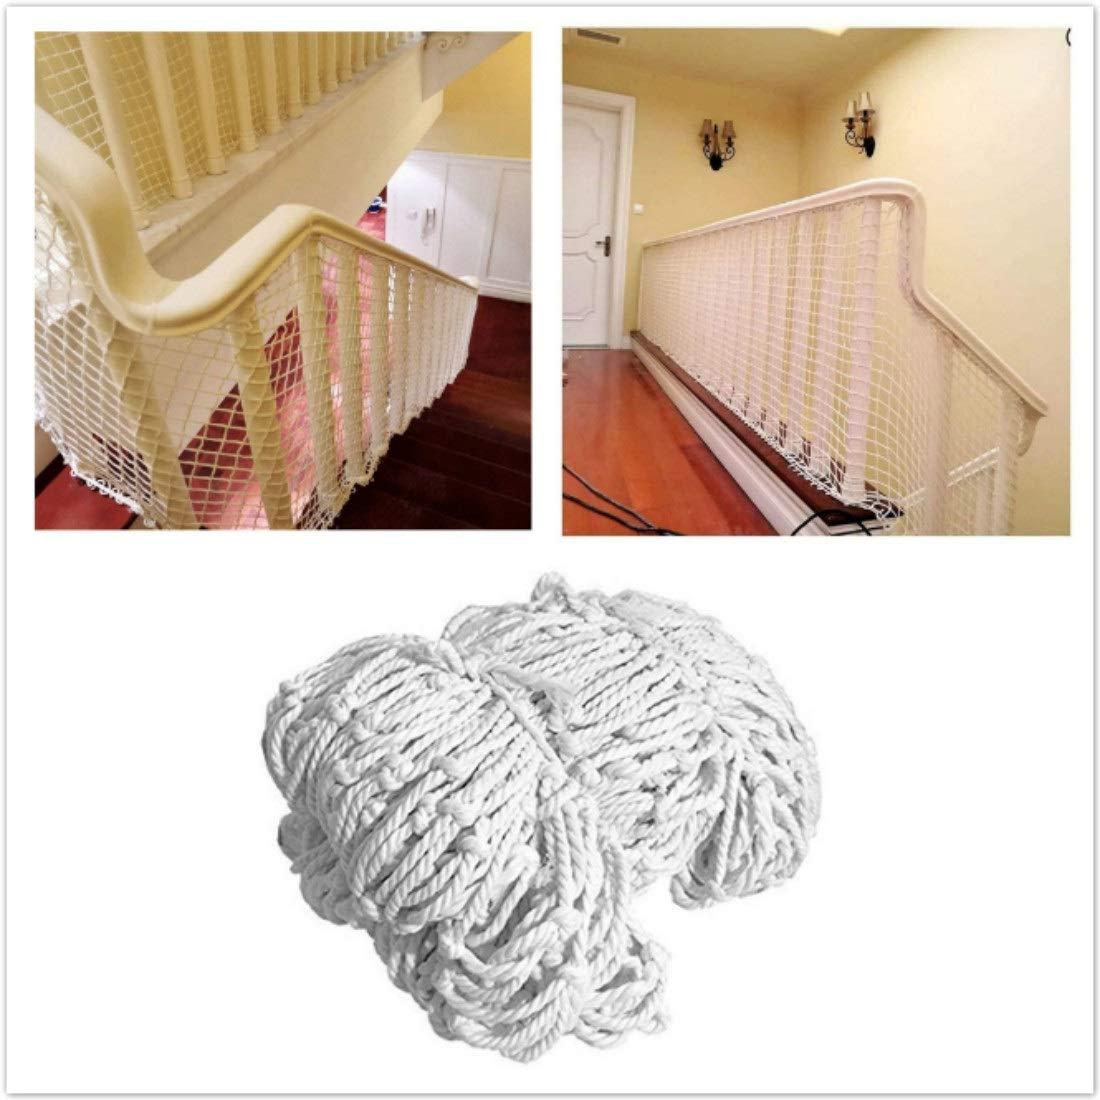 Red de Seguridad Infantil, Balcón Escalera Red de Protección contra Caídas Interior Barandillas Escalera Playground Net Red de Decoración Red de Seguridad de Escaleras Cat Net, Red de Cuerda Blanca: Amazon.es: Hogar